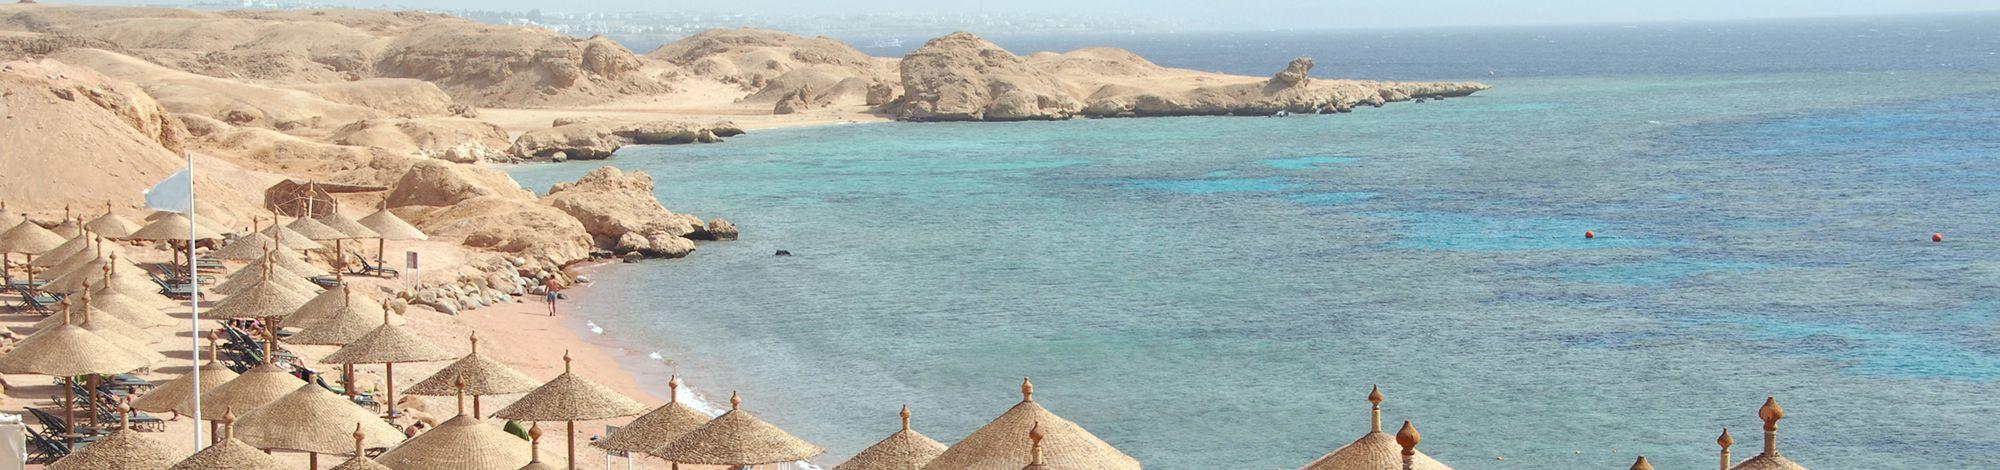 Bild von Hurghada